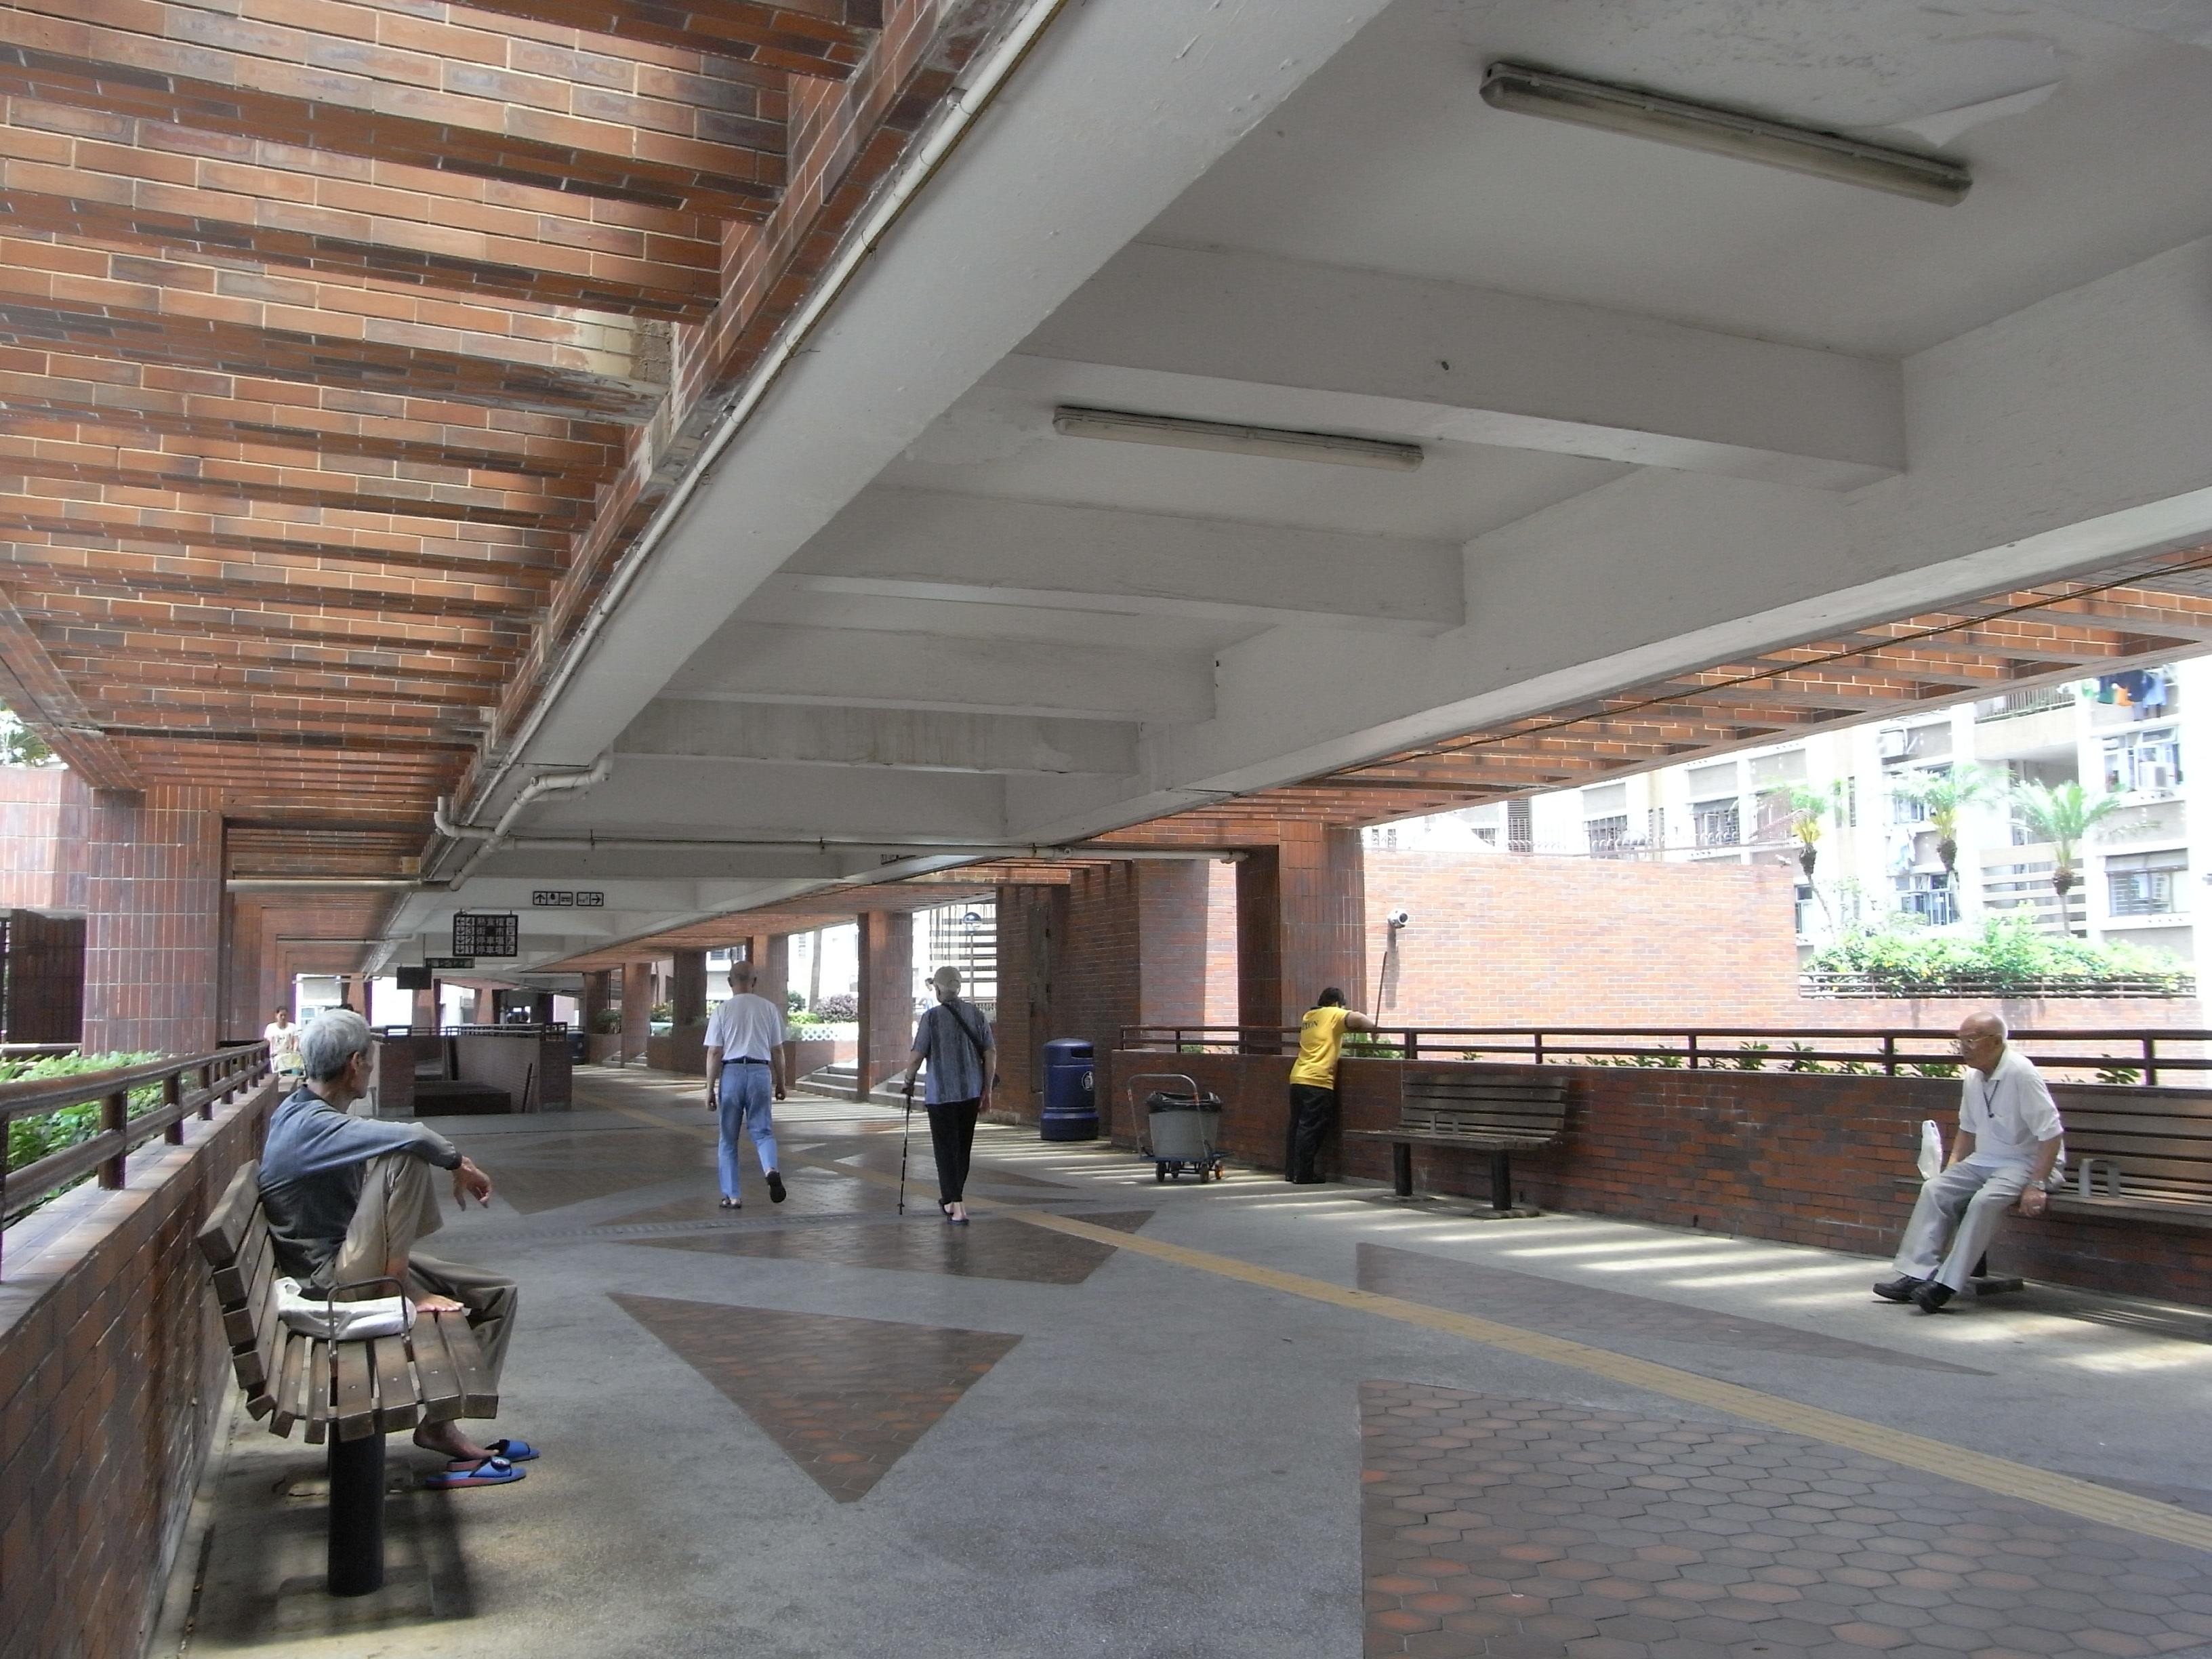 File:HK ALC 鴨脷洲 利東邨 Lei Tung Estate podium footbridge interior visitors.jpg